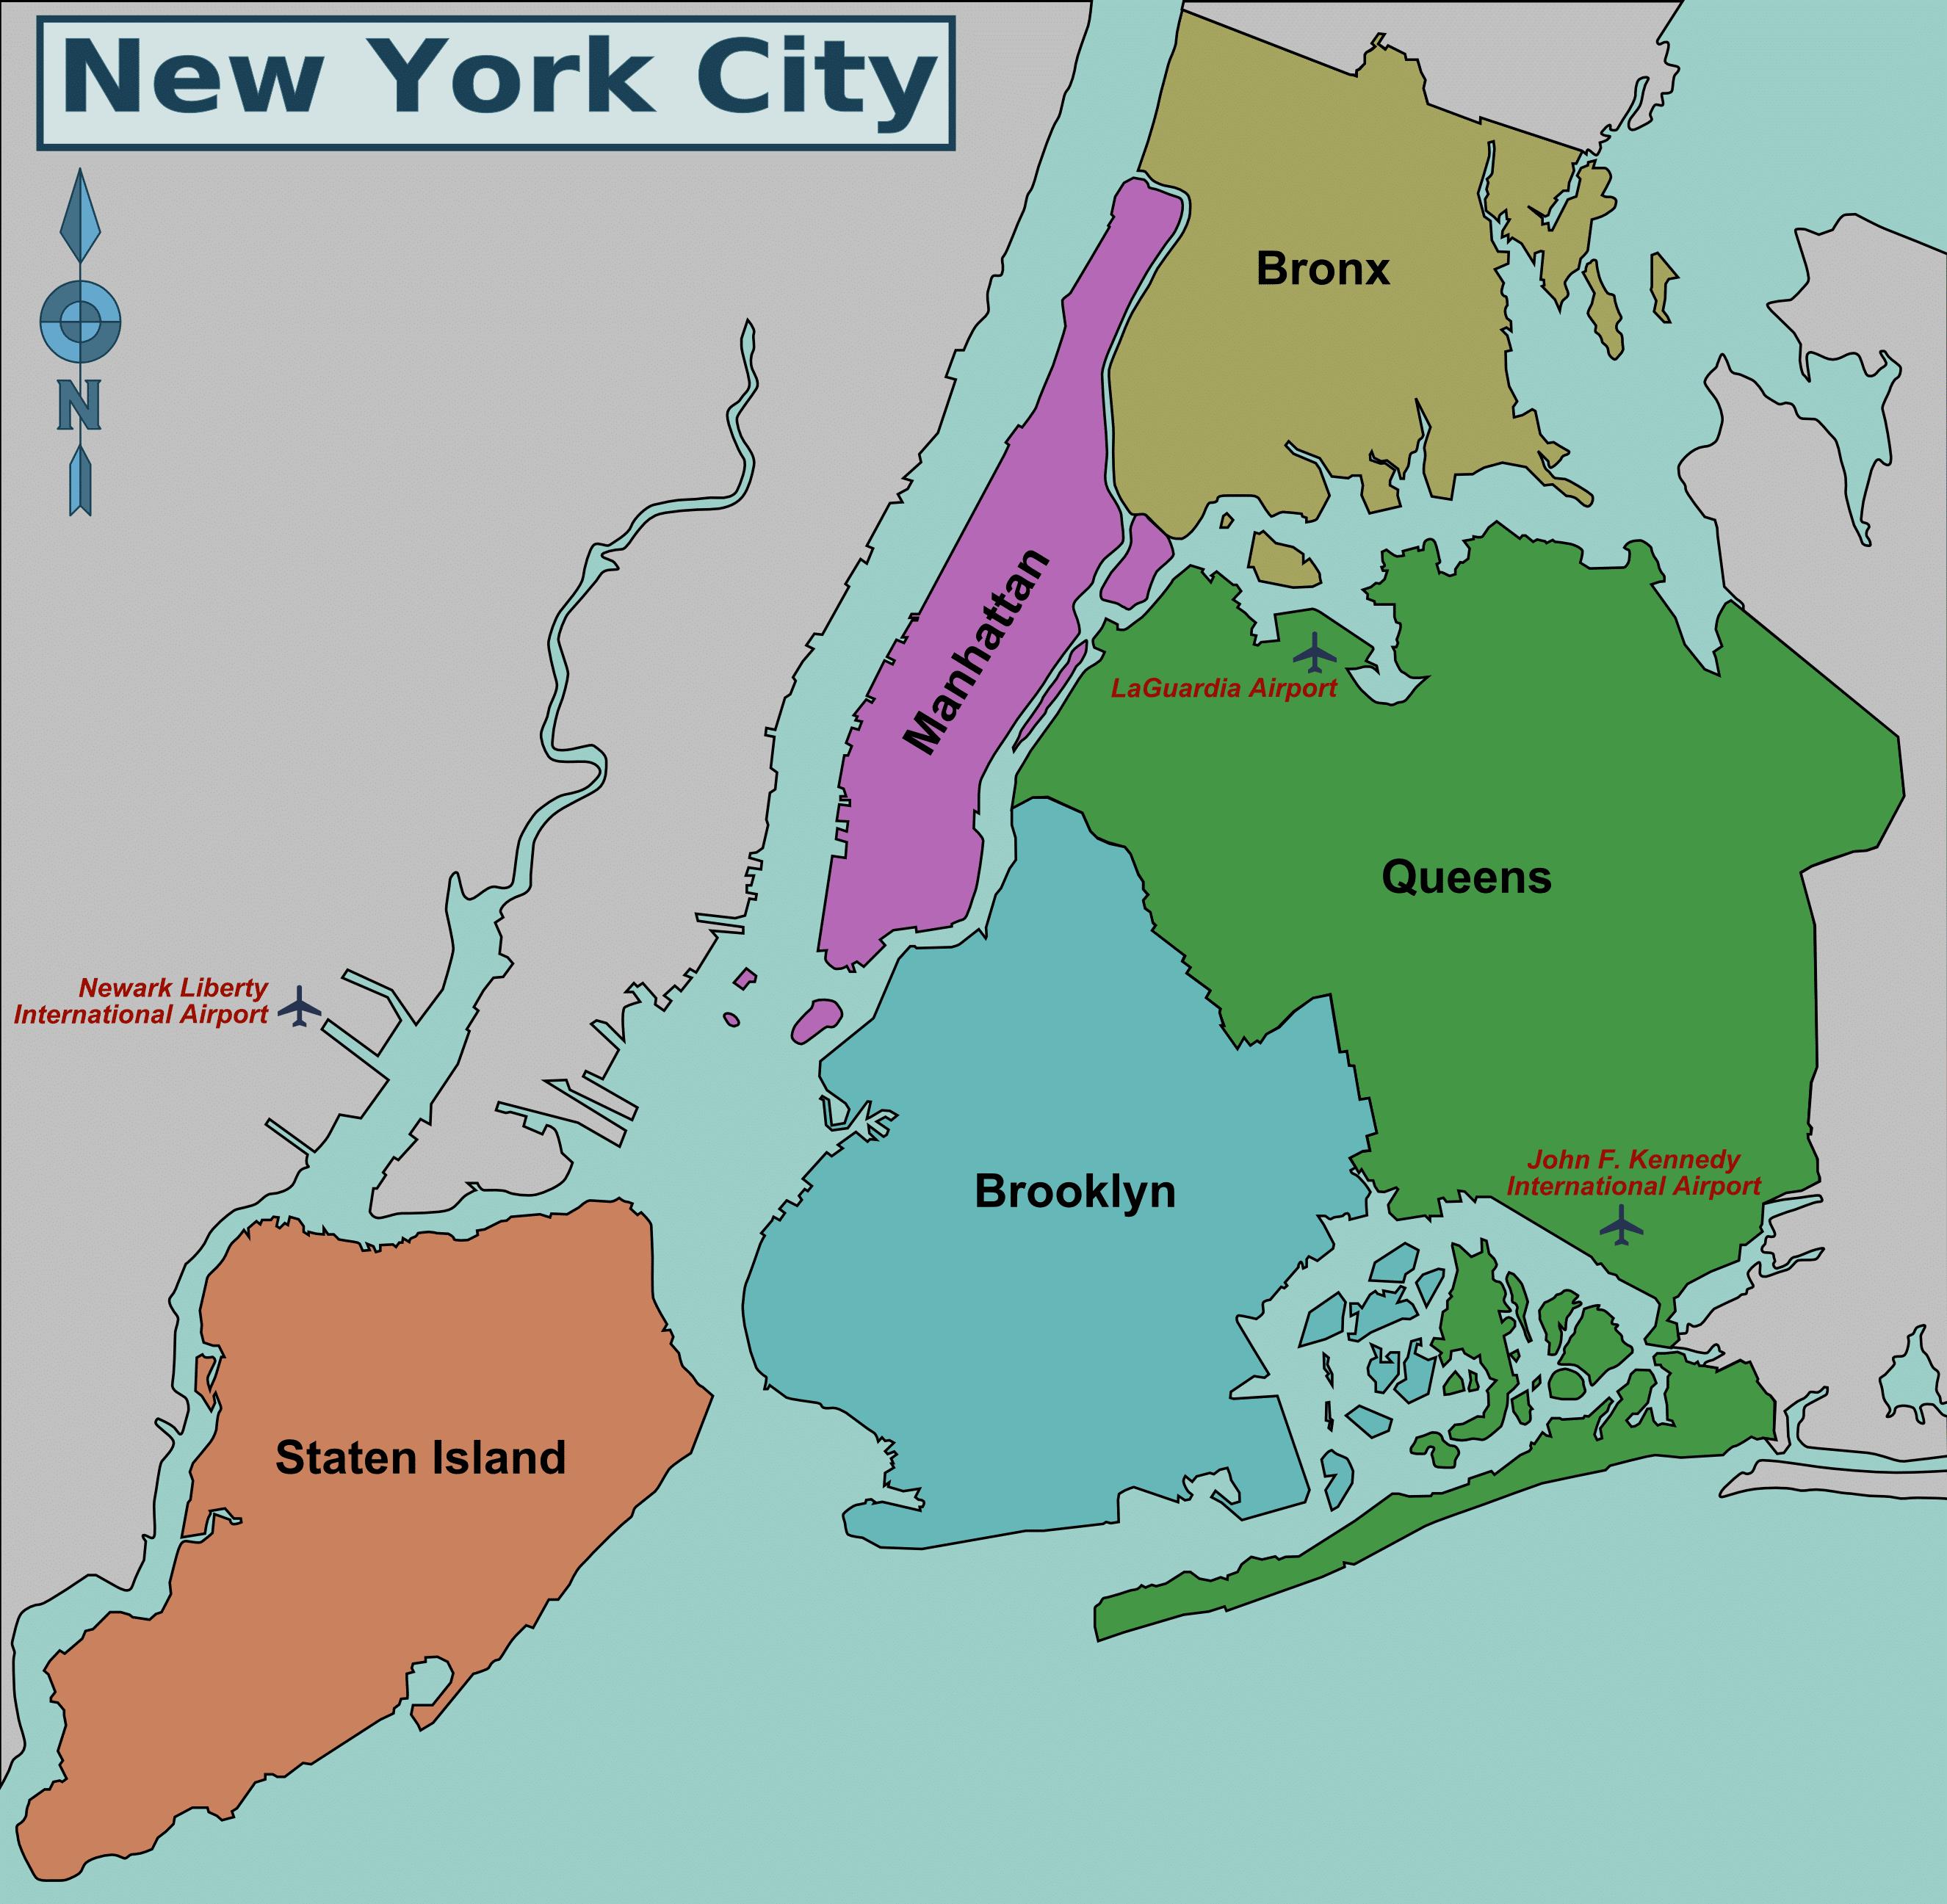 distritos de nova york - boroughs of new york